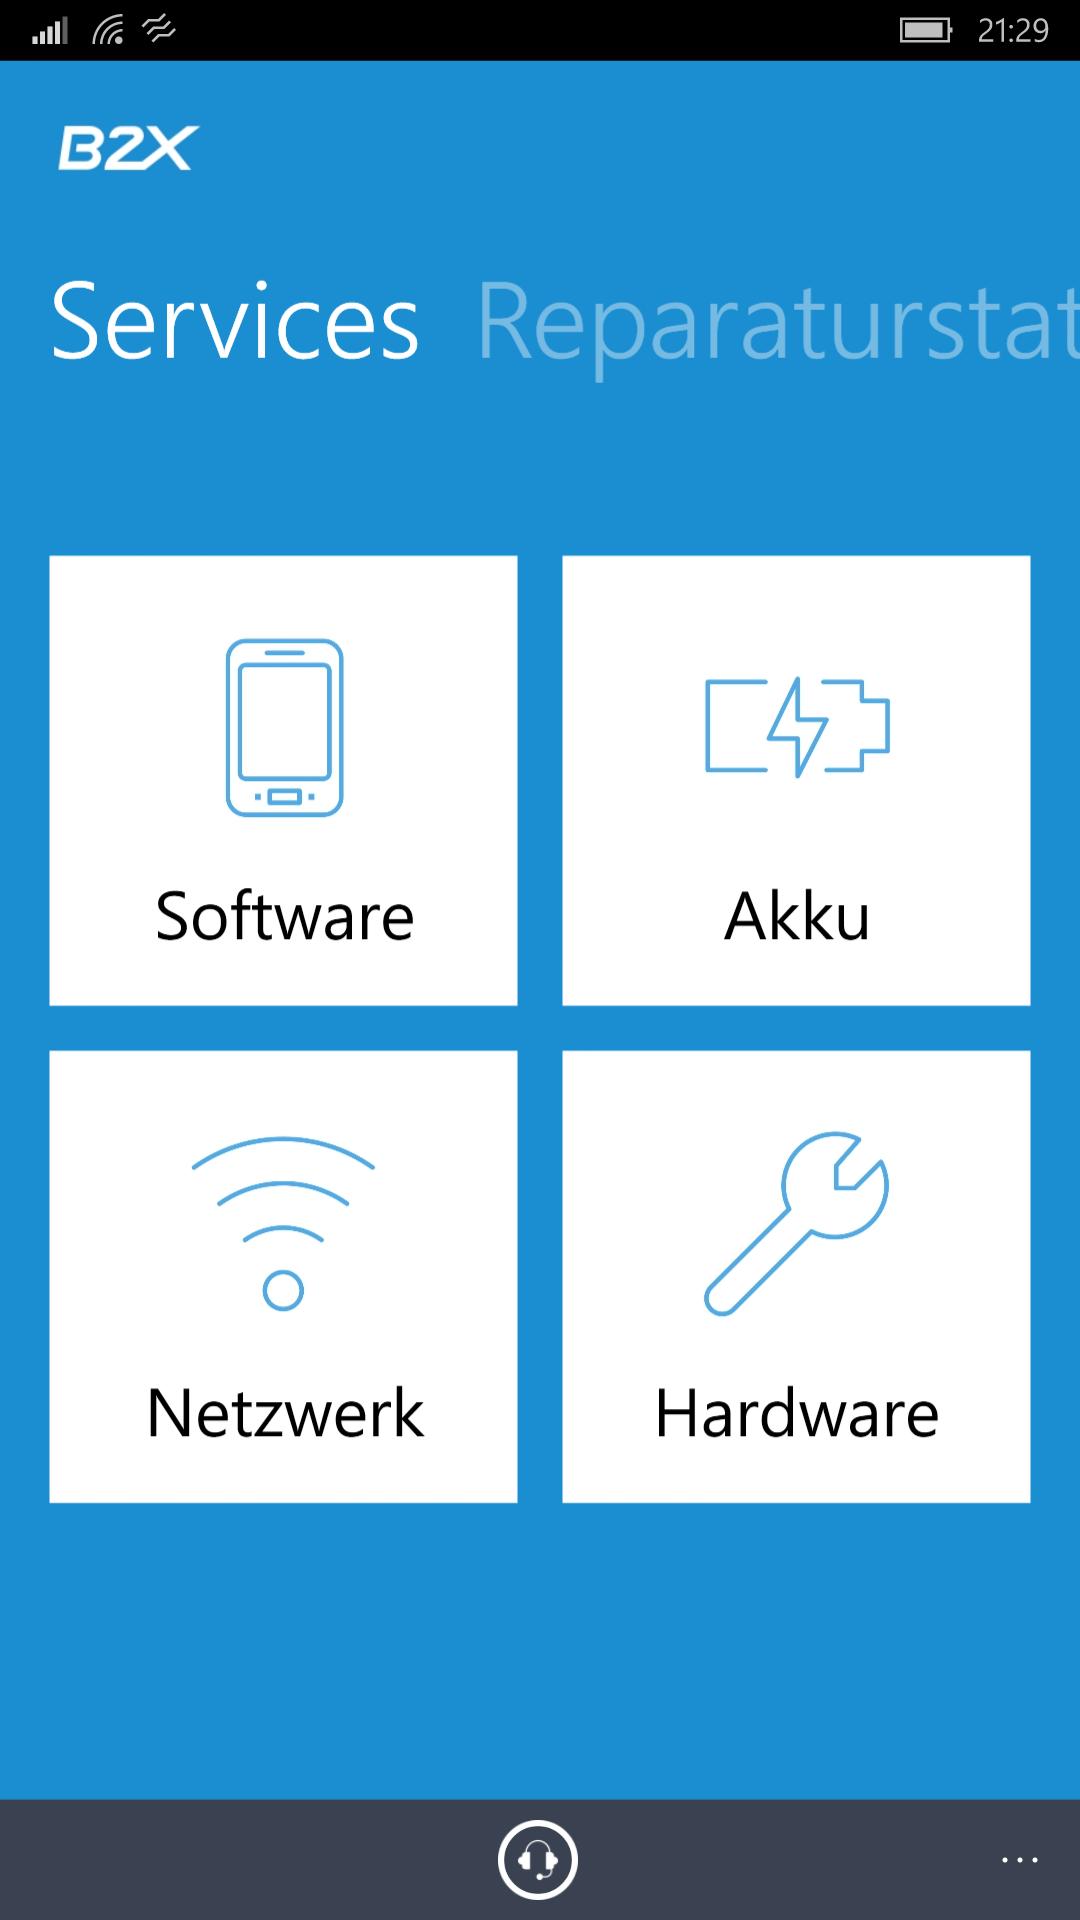 Microsoft Support B2X veröffentlicht seine Smartapp